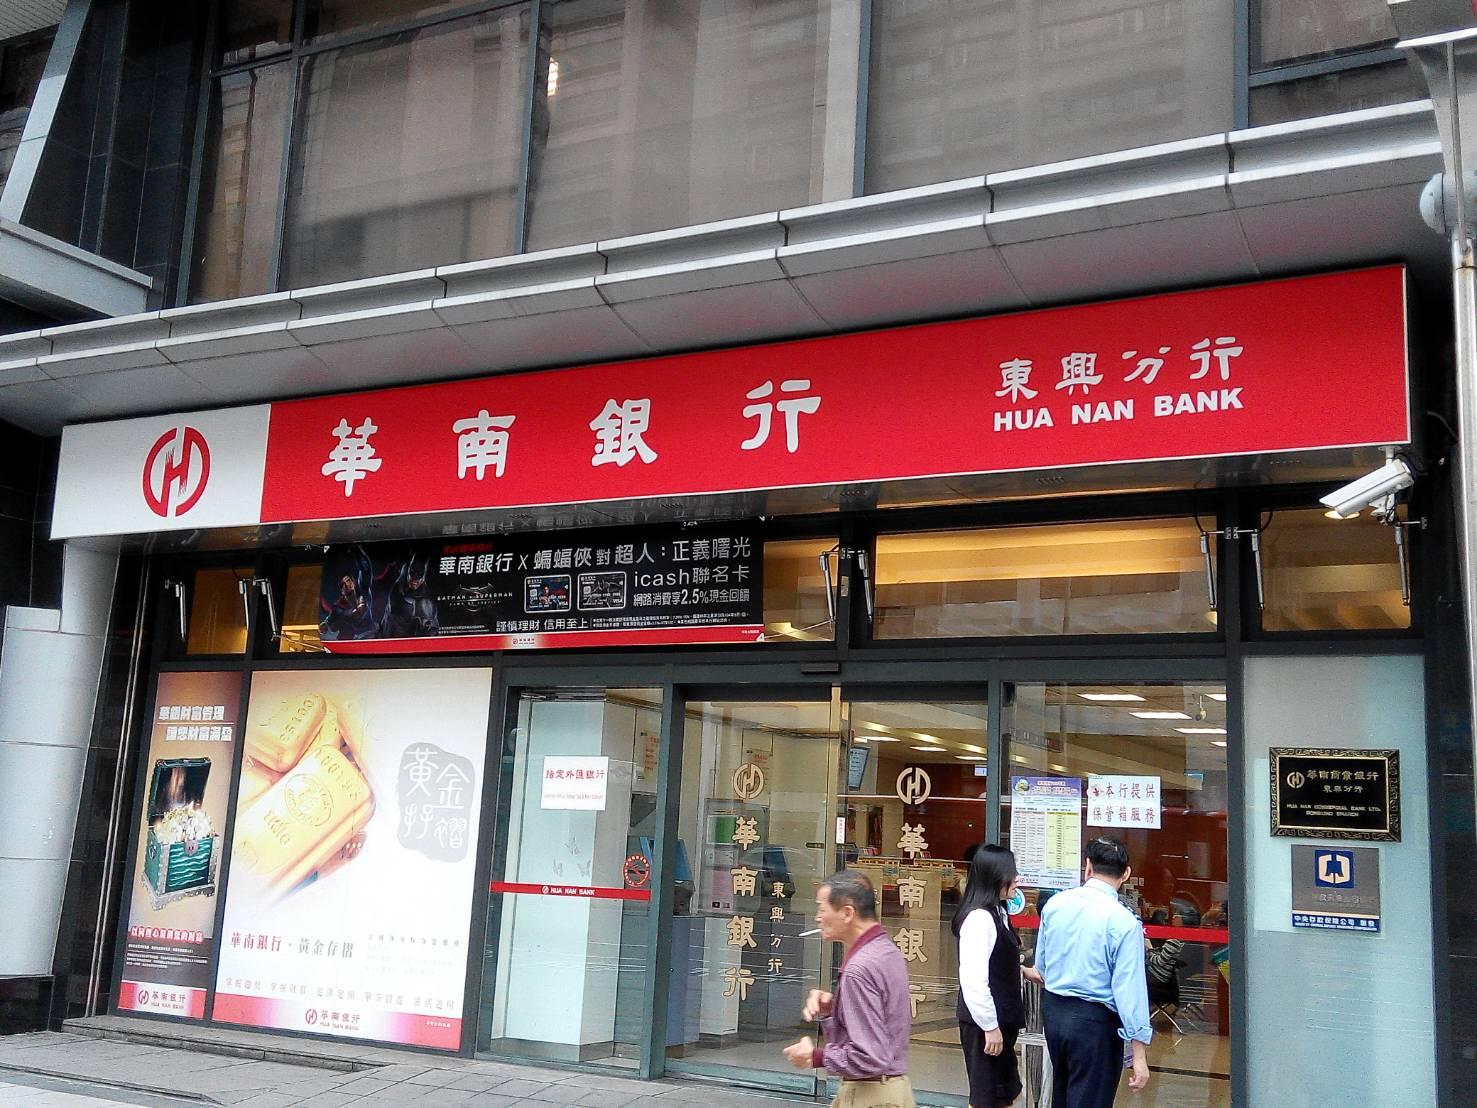 產經新聞-華南銀行招考132人  專畢起薪38K